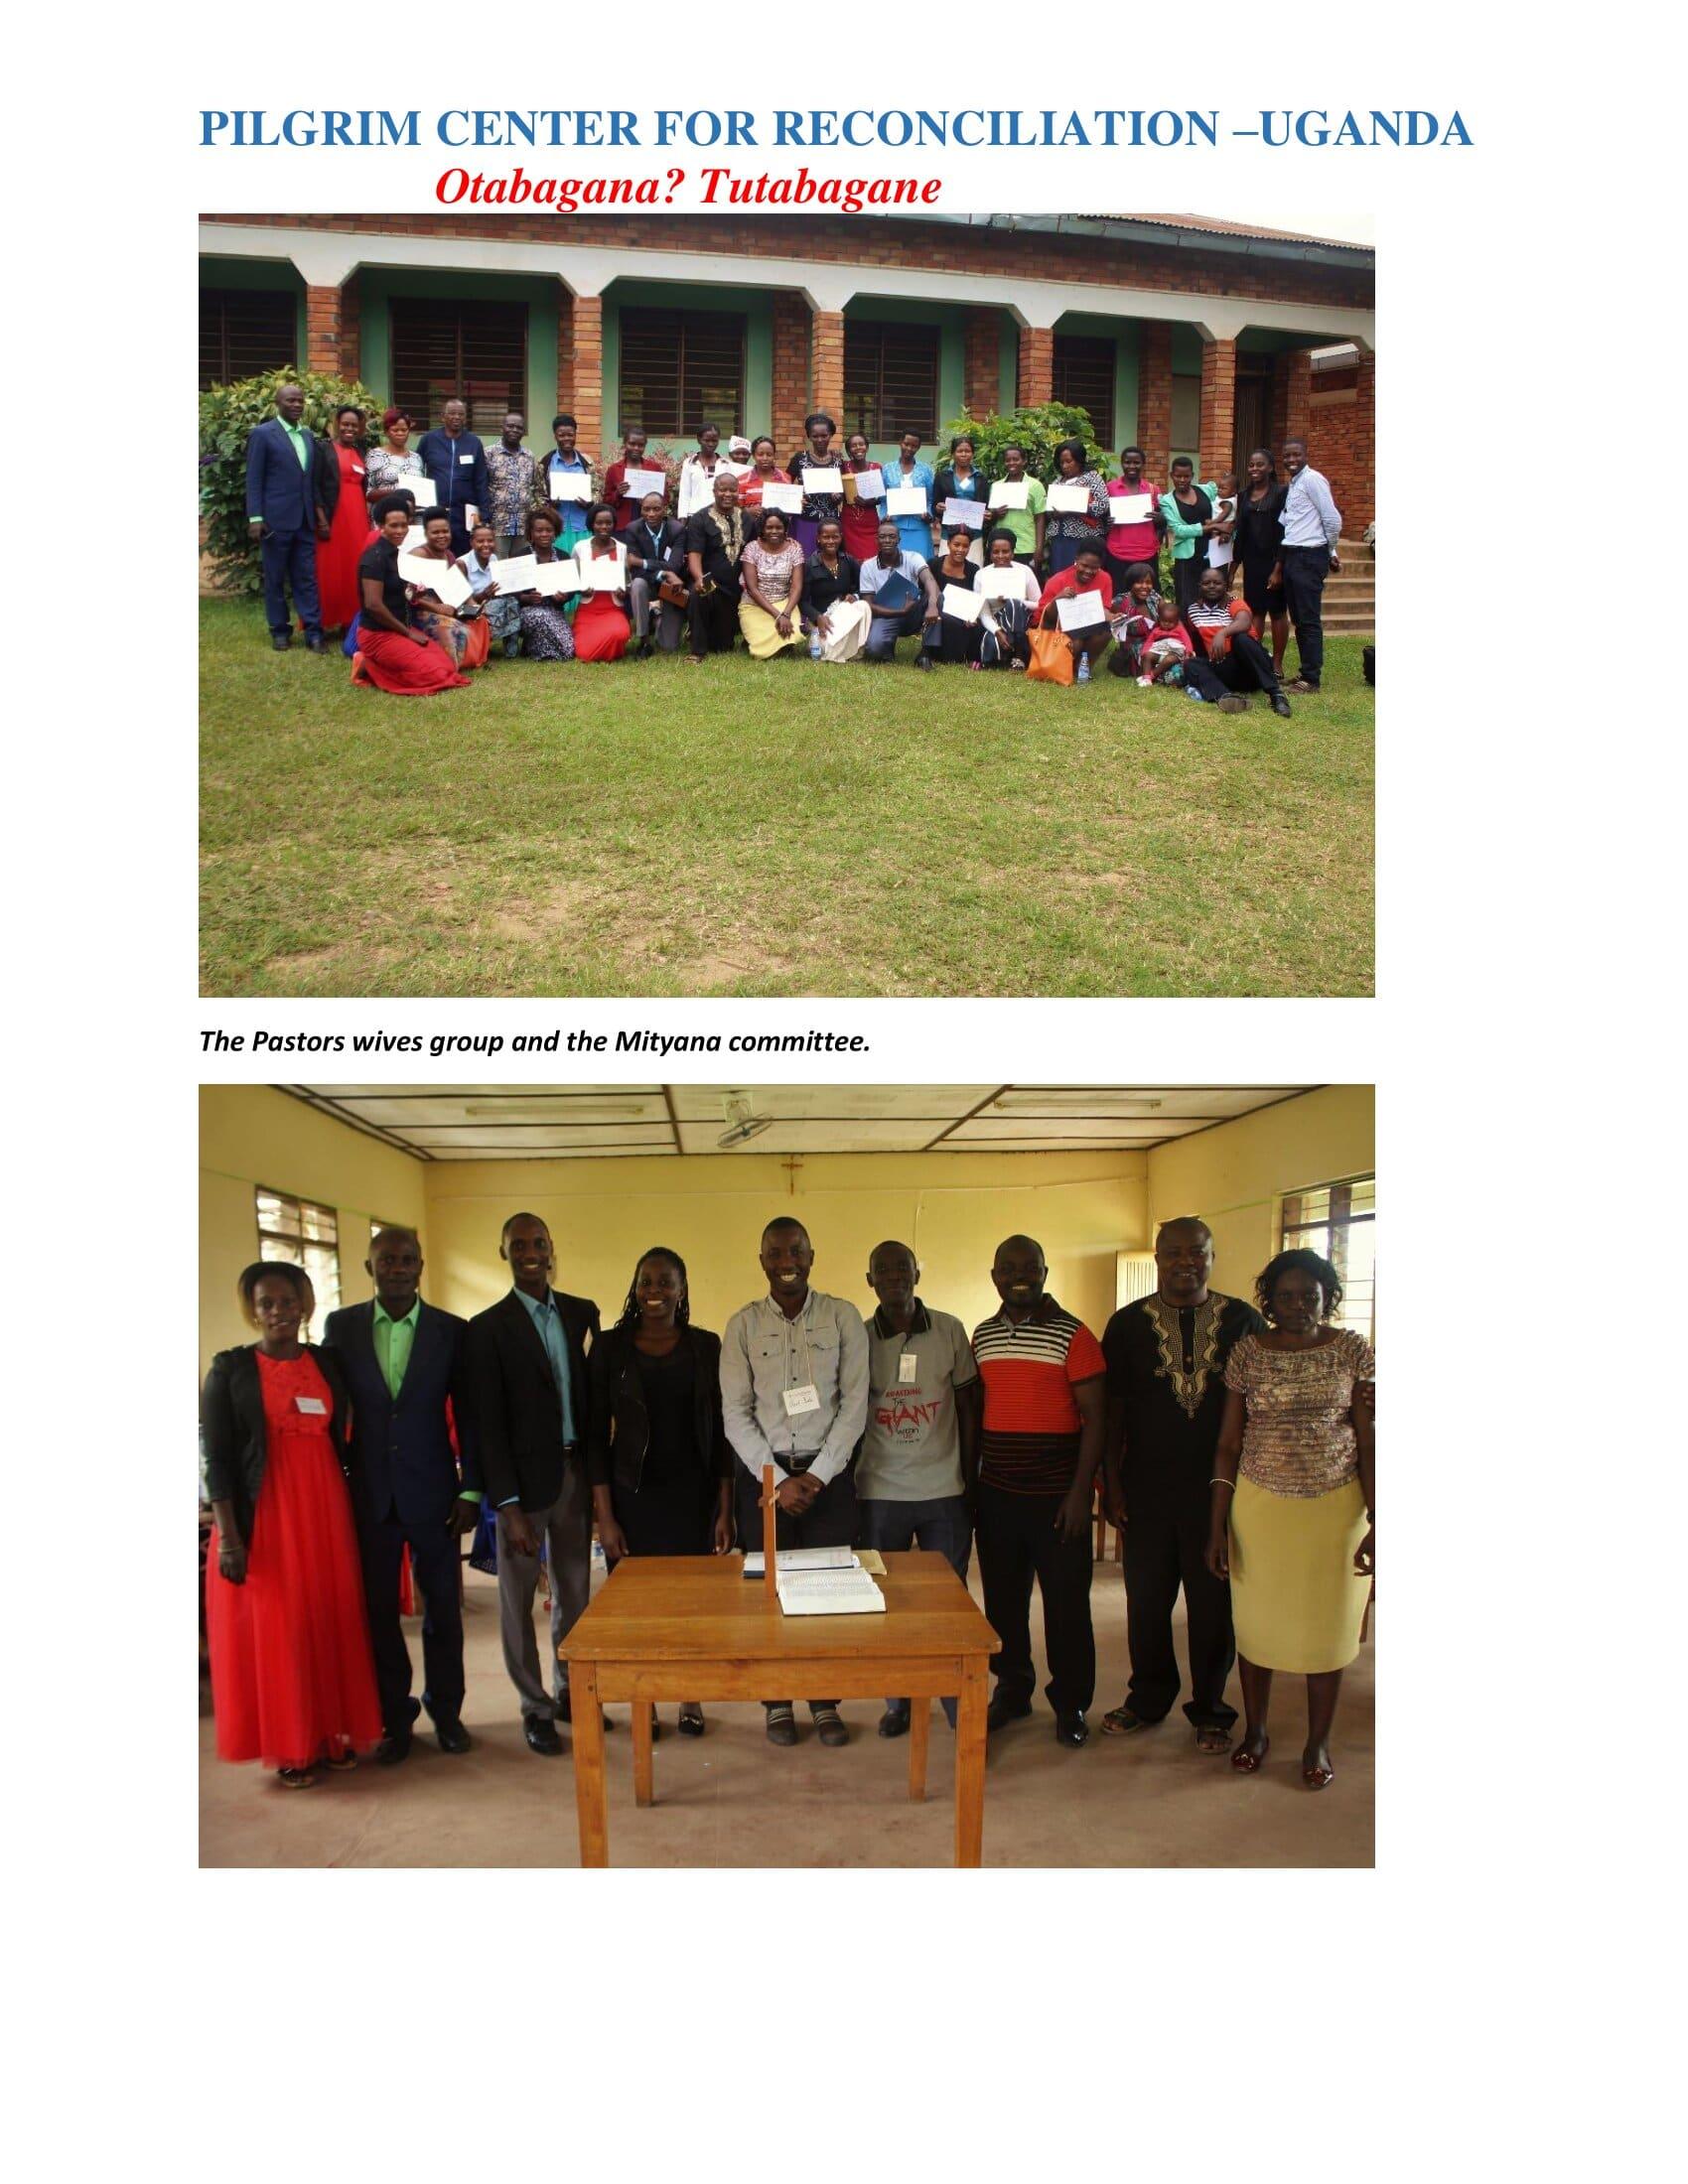 Pirigrim center for reconcilation -Uganda _0030-min